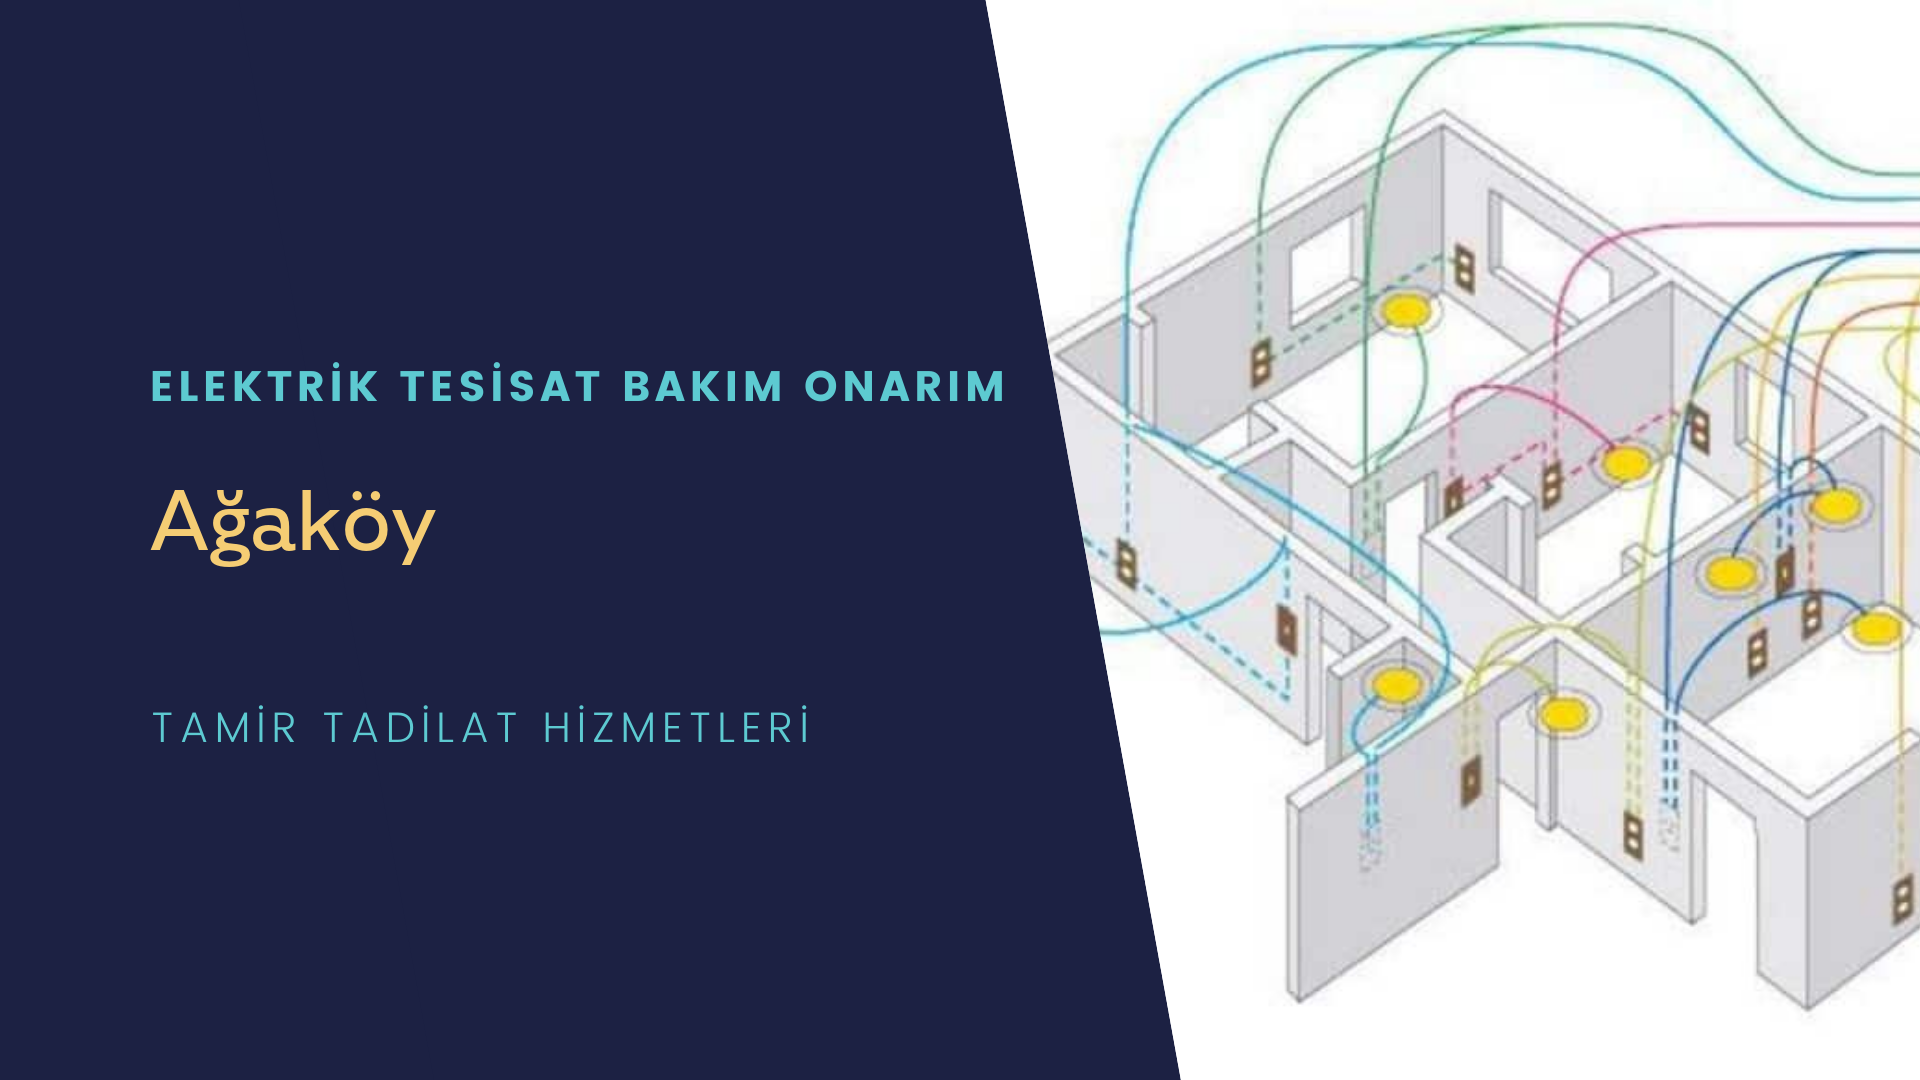 Ağaköy   elektrik tesisatıustalarımı arıyorsunuz doğru adrestenizi Ağaköy  elektrik tesisatı ustalarımız 7/24 sizlere hizmet vermekten mutluluk duyar.